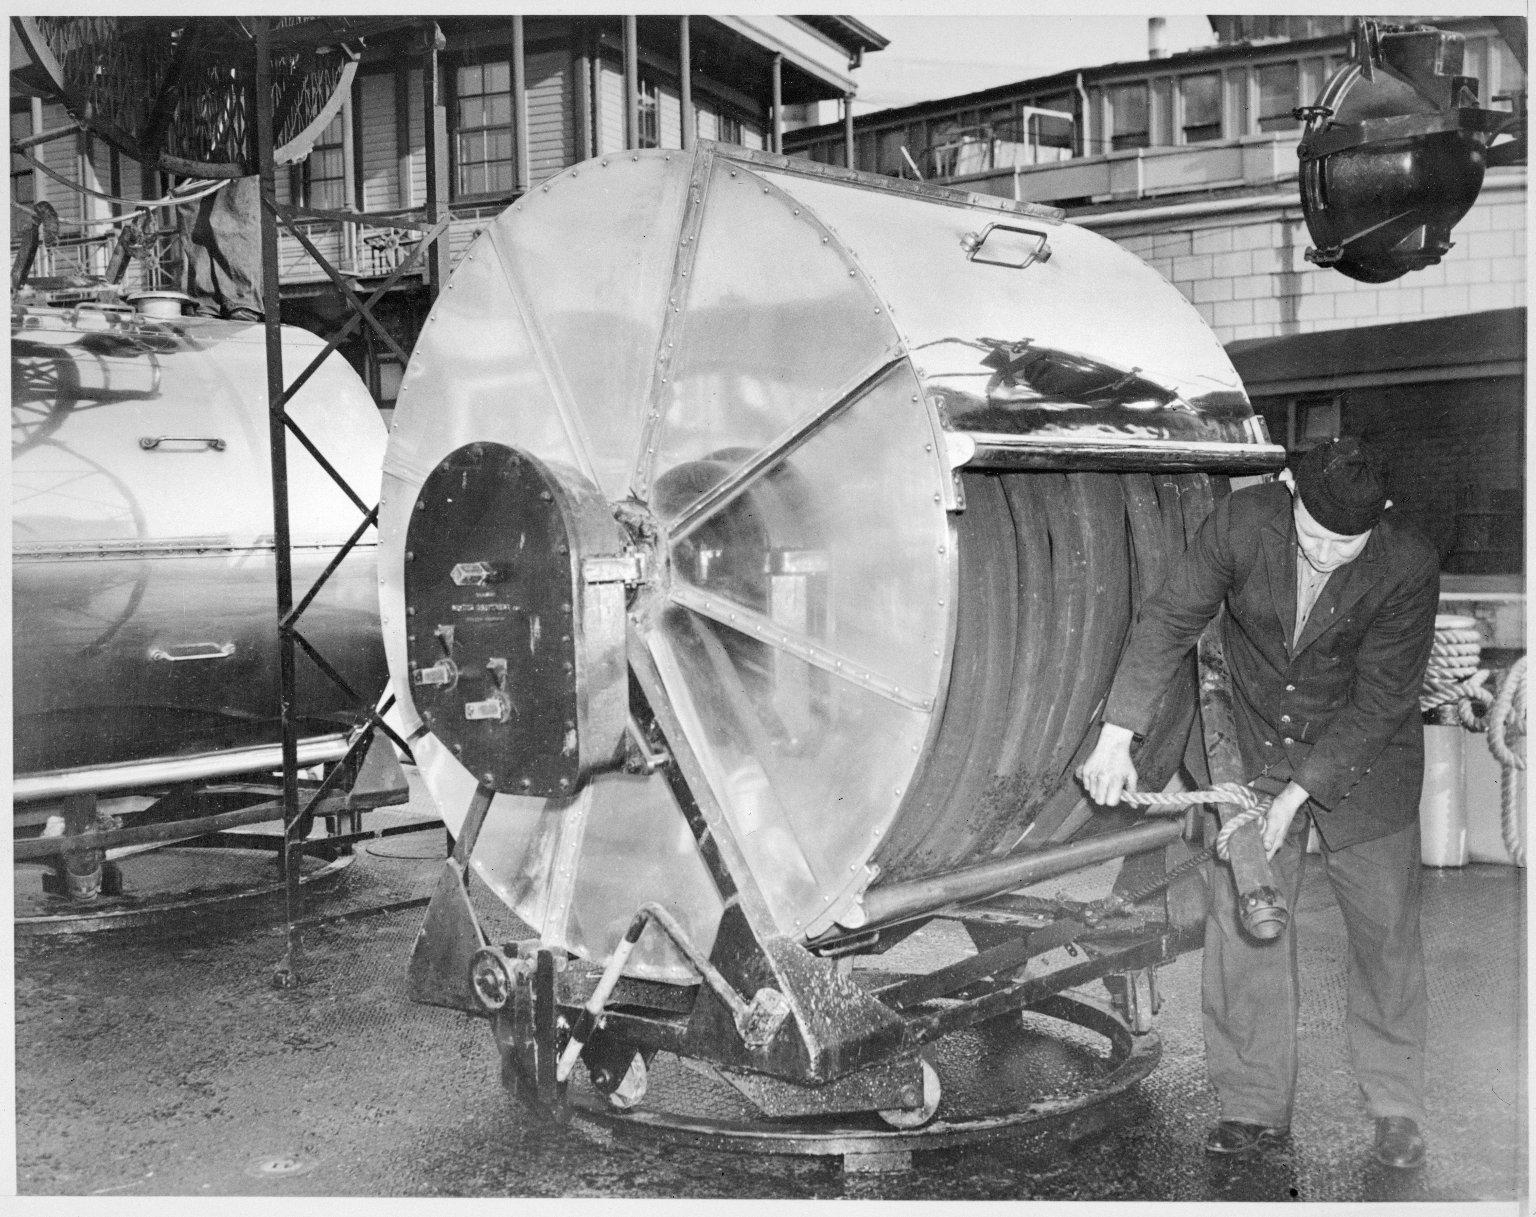 """Пожарный катер \""""Firefighter\"""". Сматывание рукавов. Нью-Йорк, США. 1930-е"""